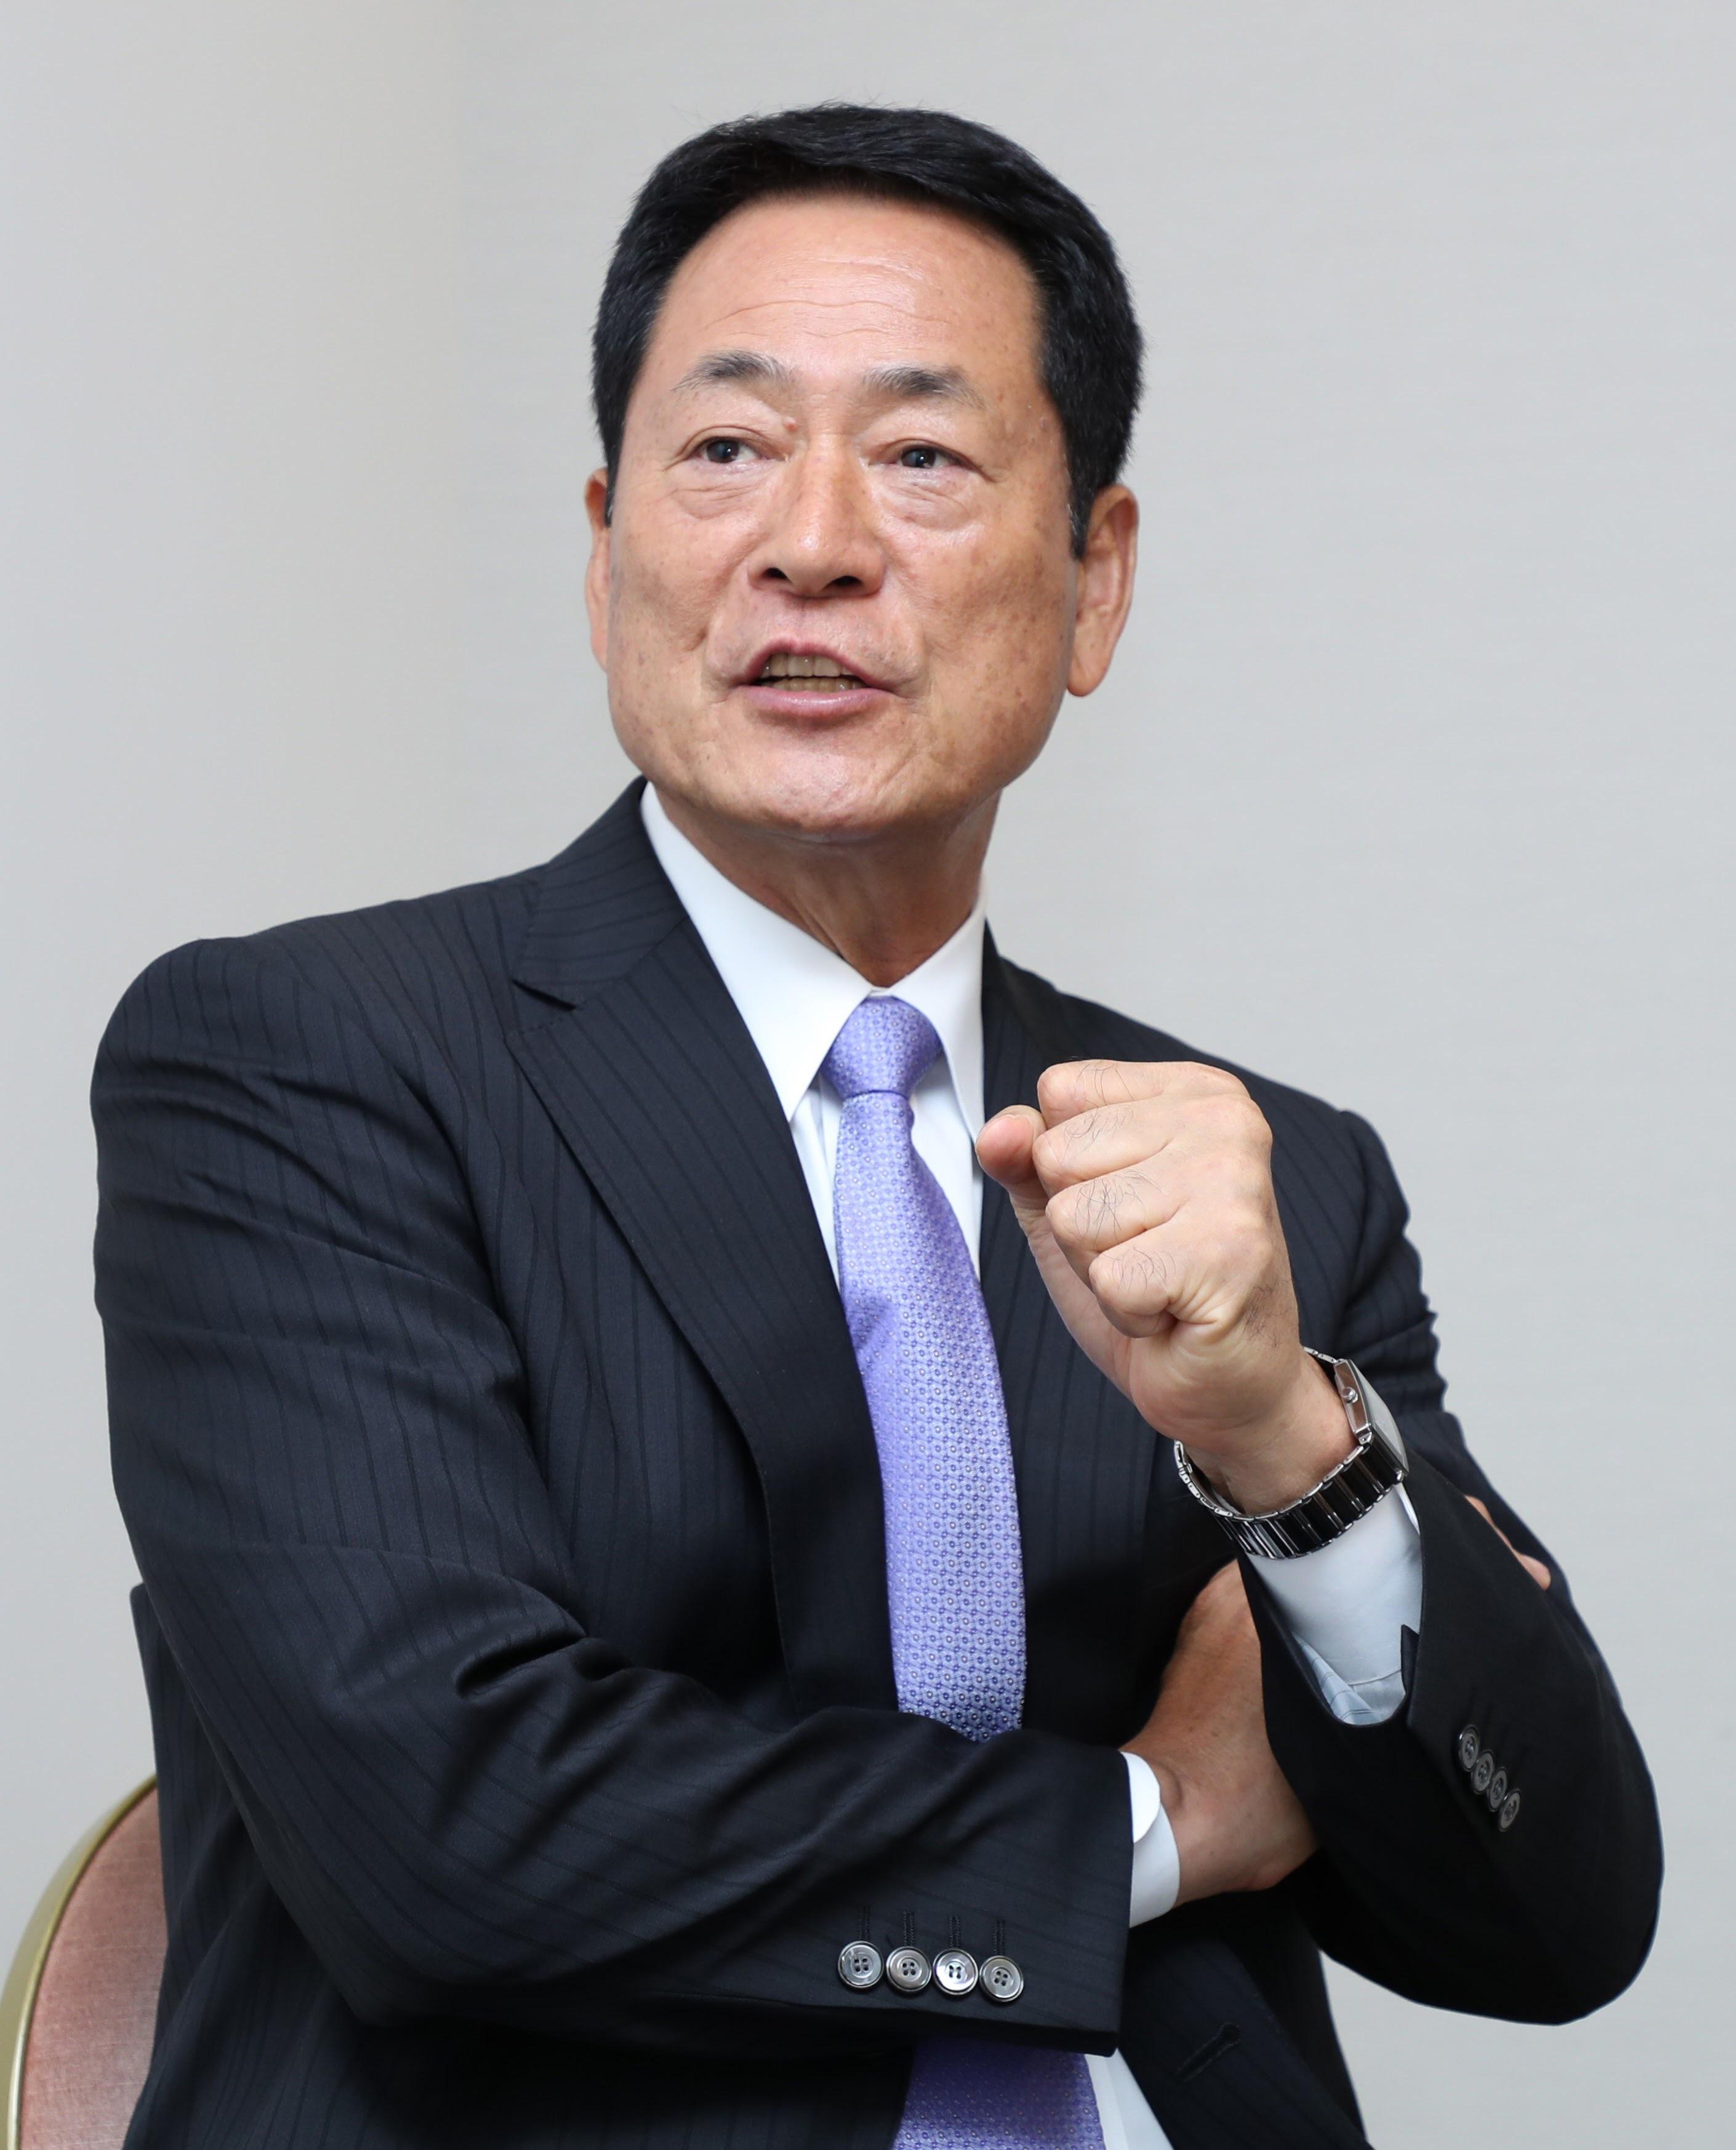 『みんなでオンライン観戦』の東北楽天ゴールデンイーグルス戦で解説を務める中畑清氏